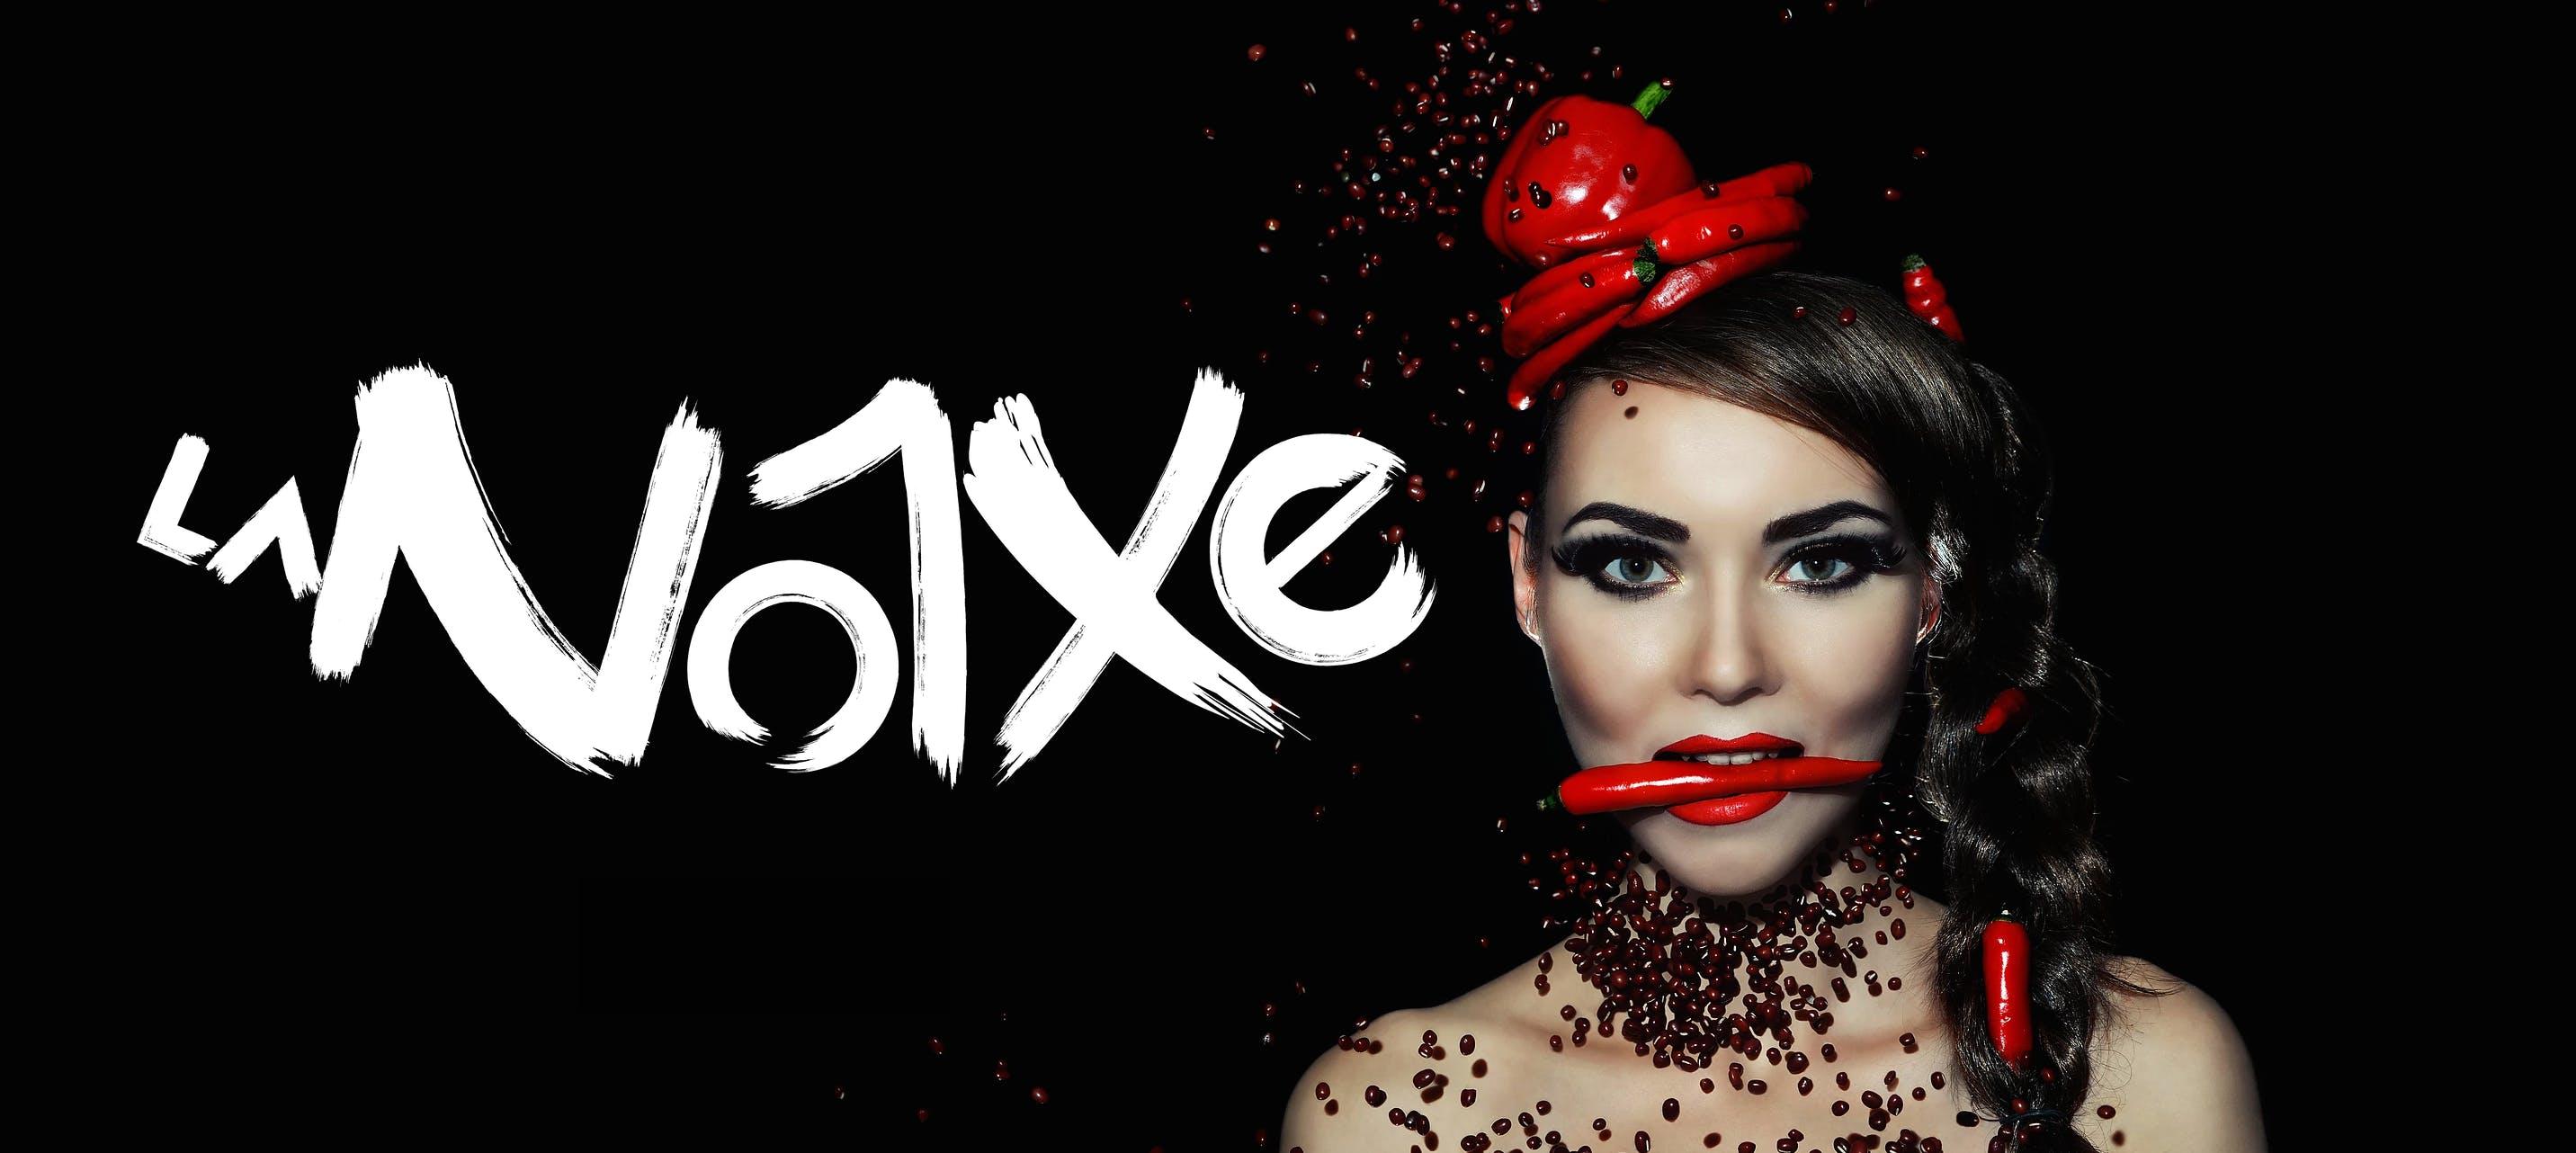 La Notxe (Reggaeton) • El Xow